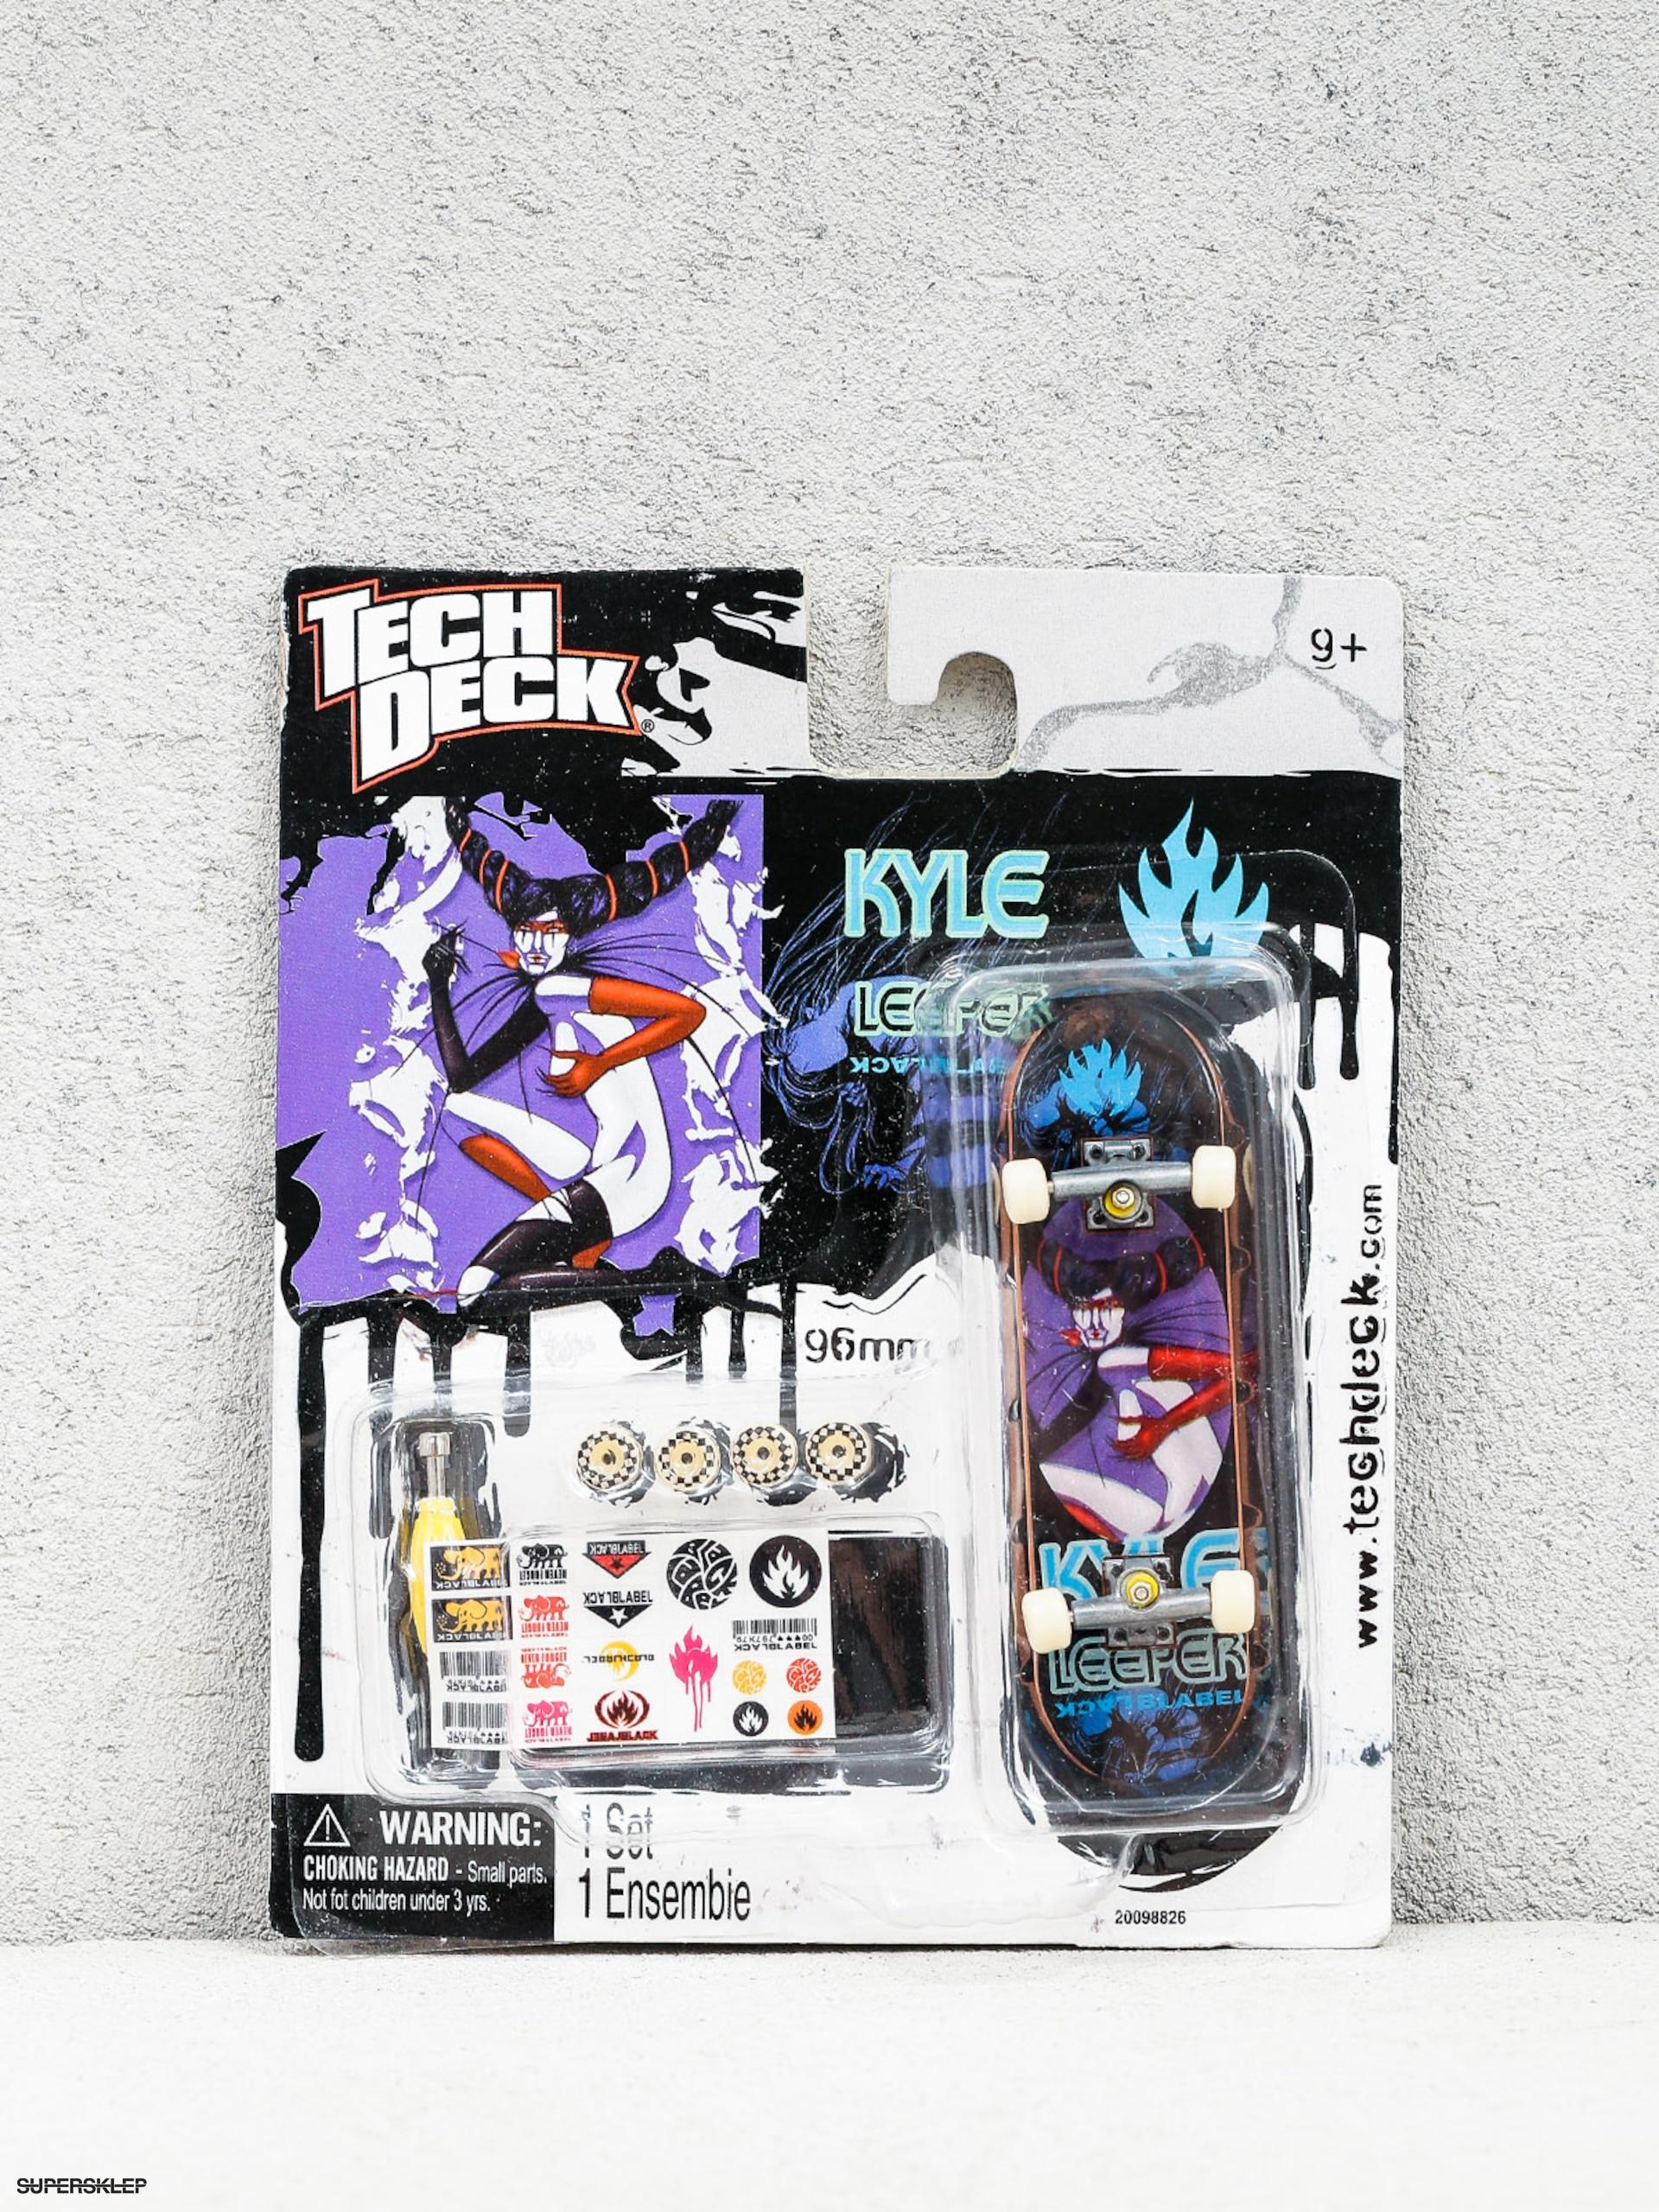 Fingerboard Tech Deck Black Label 02